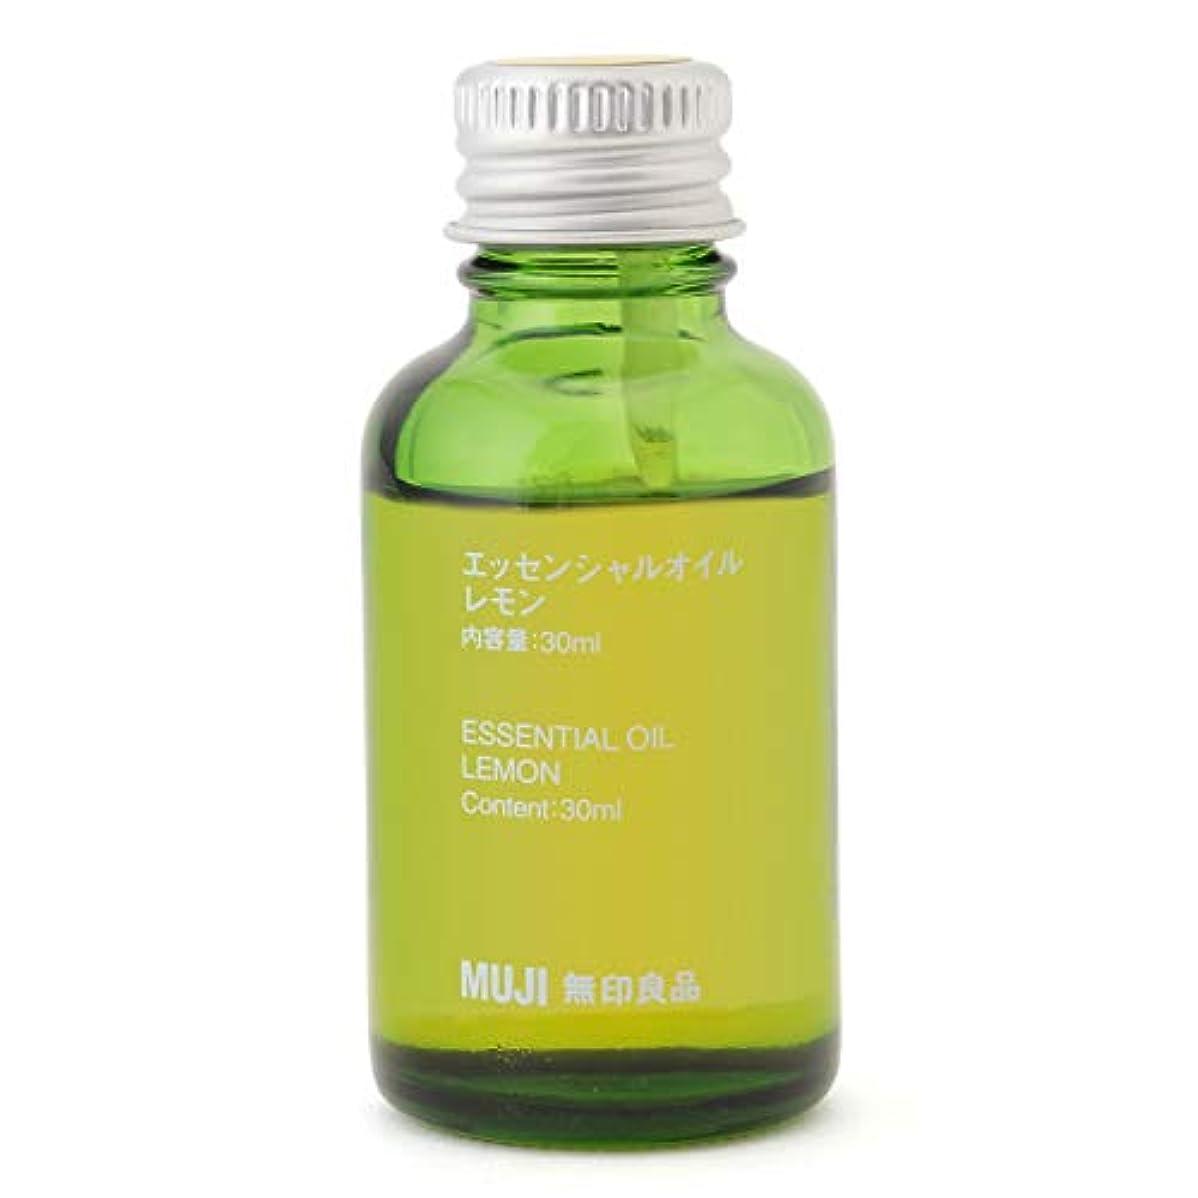 ビクター今後昨日【無印良品】エッセンシャルオイル30ml(レモン)